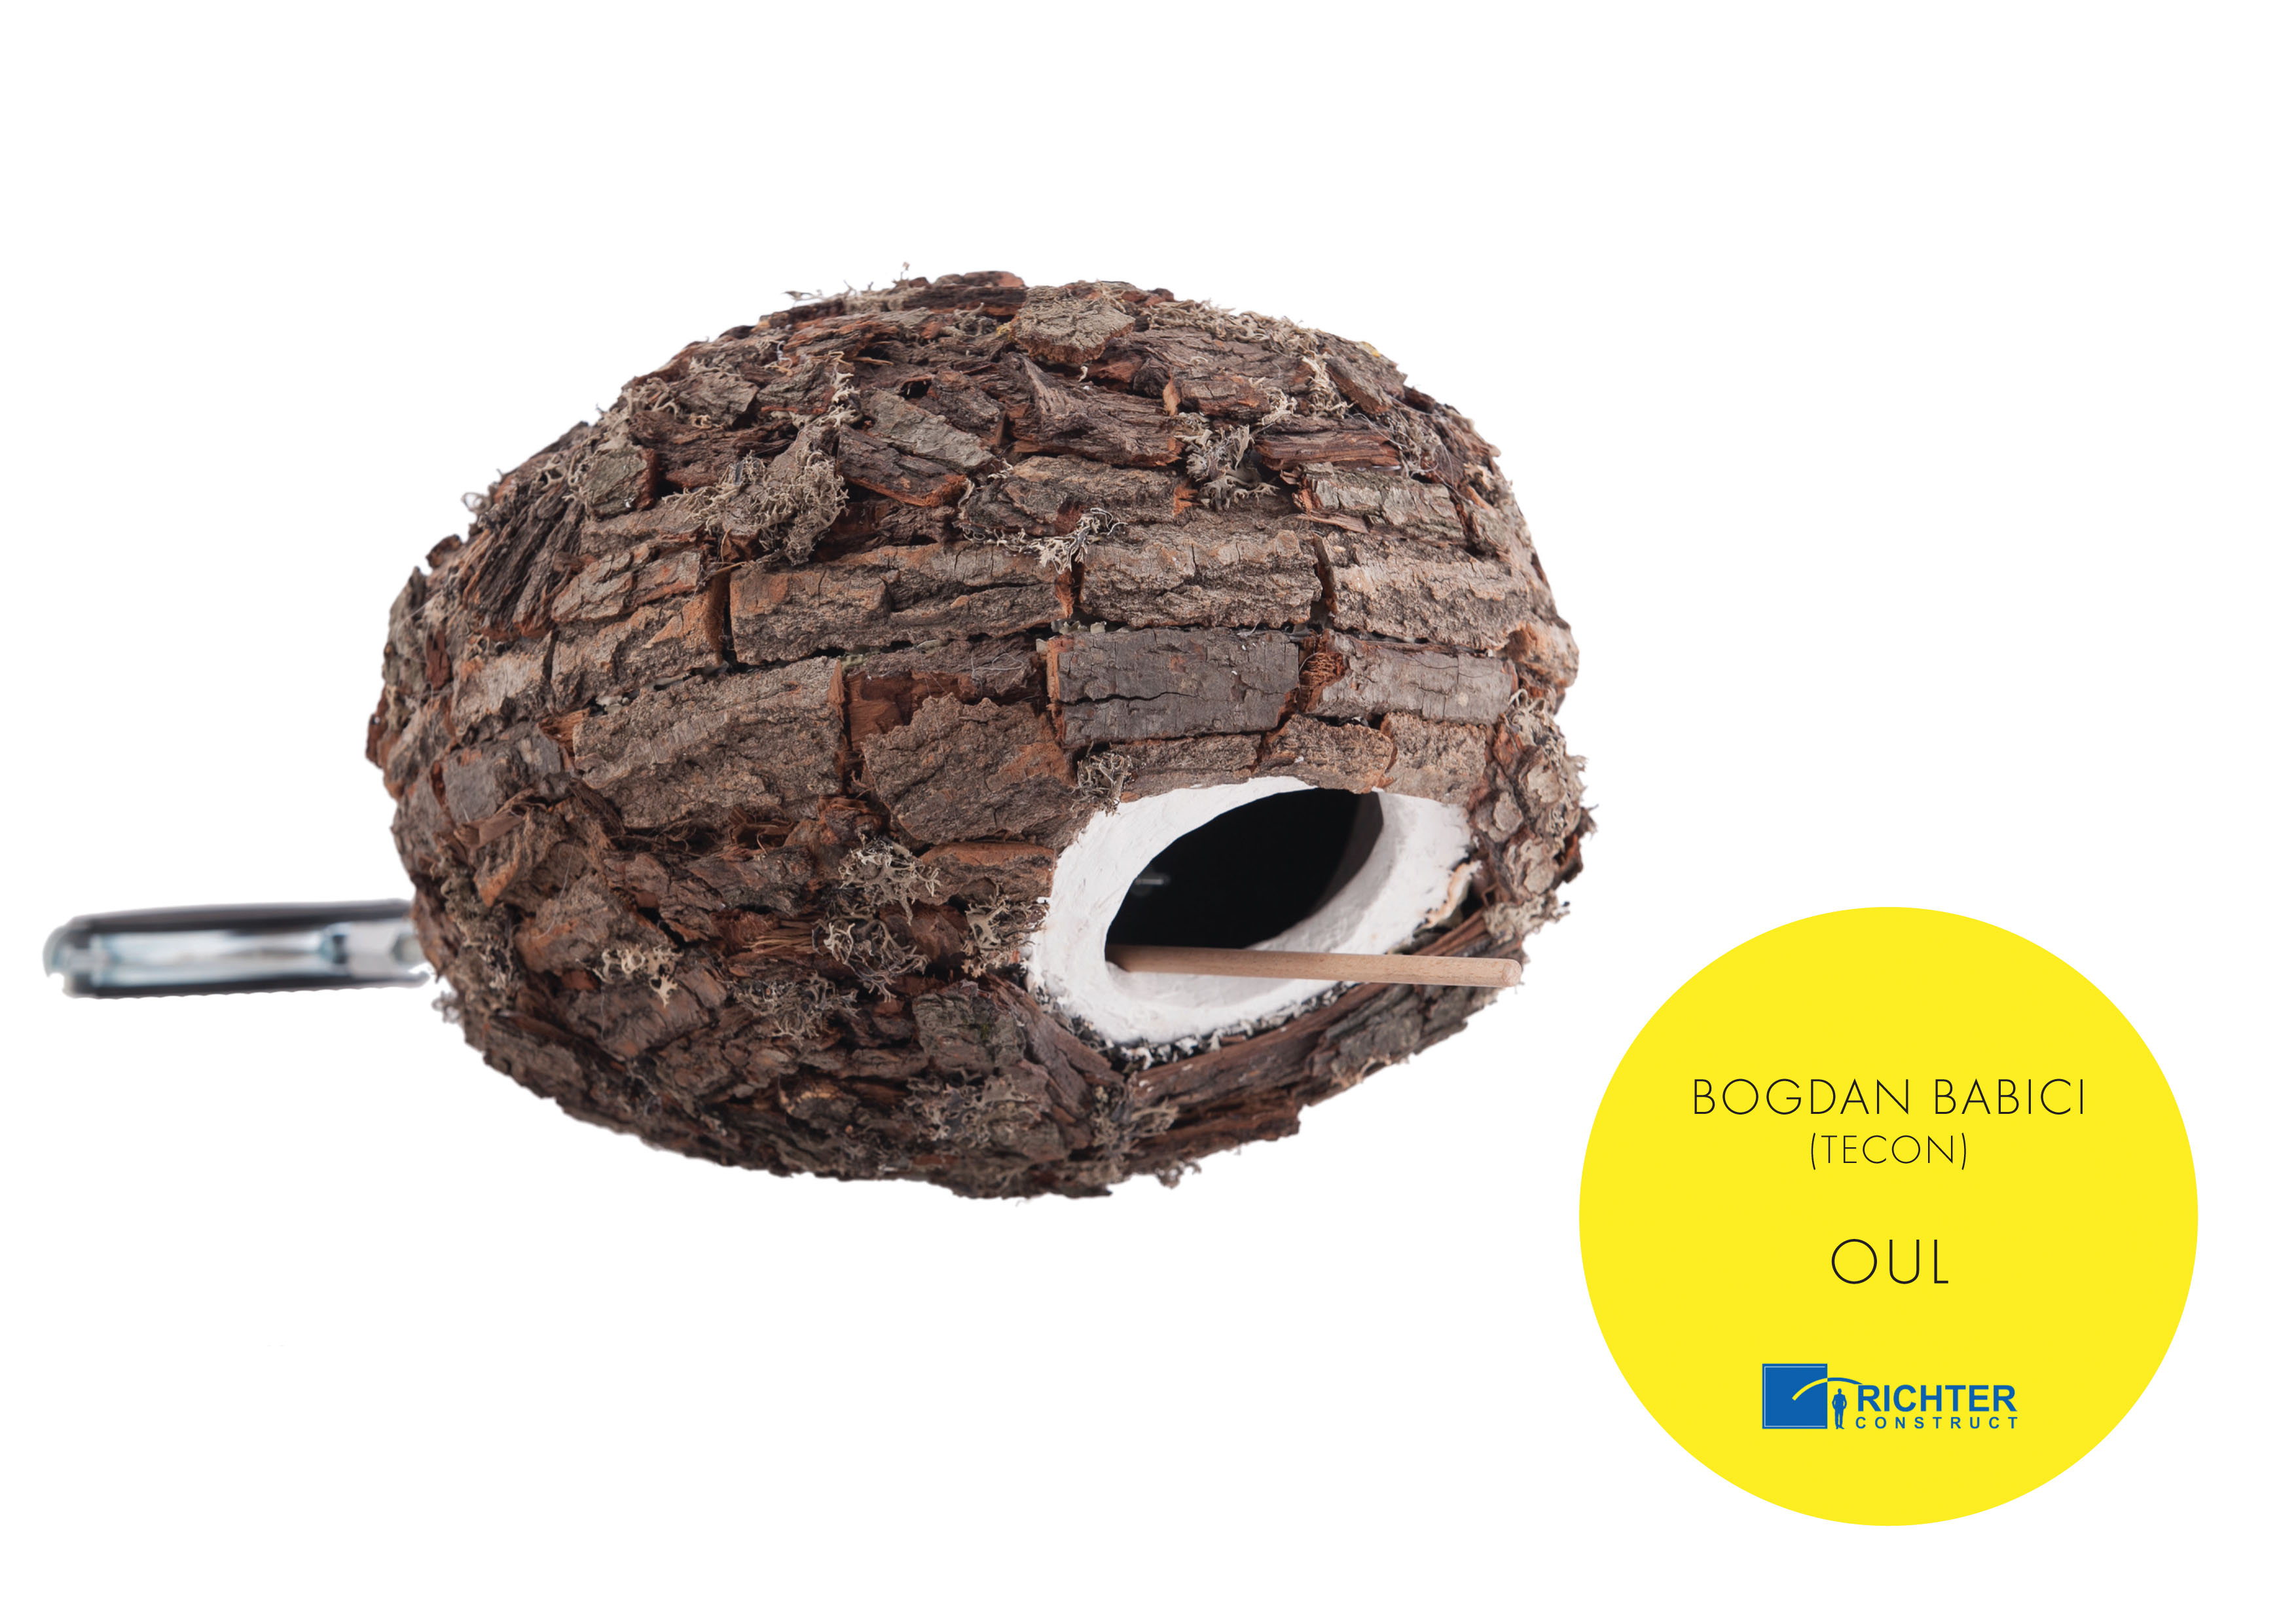 Bogdan Babici - Case Ciripite